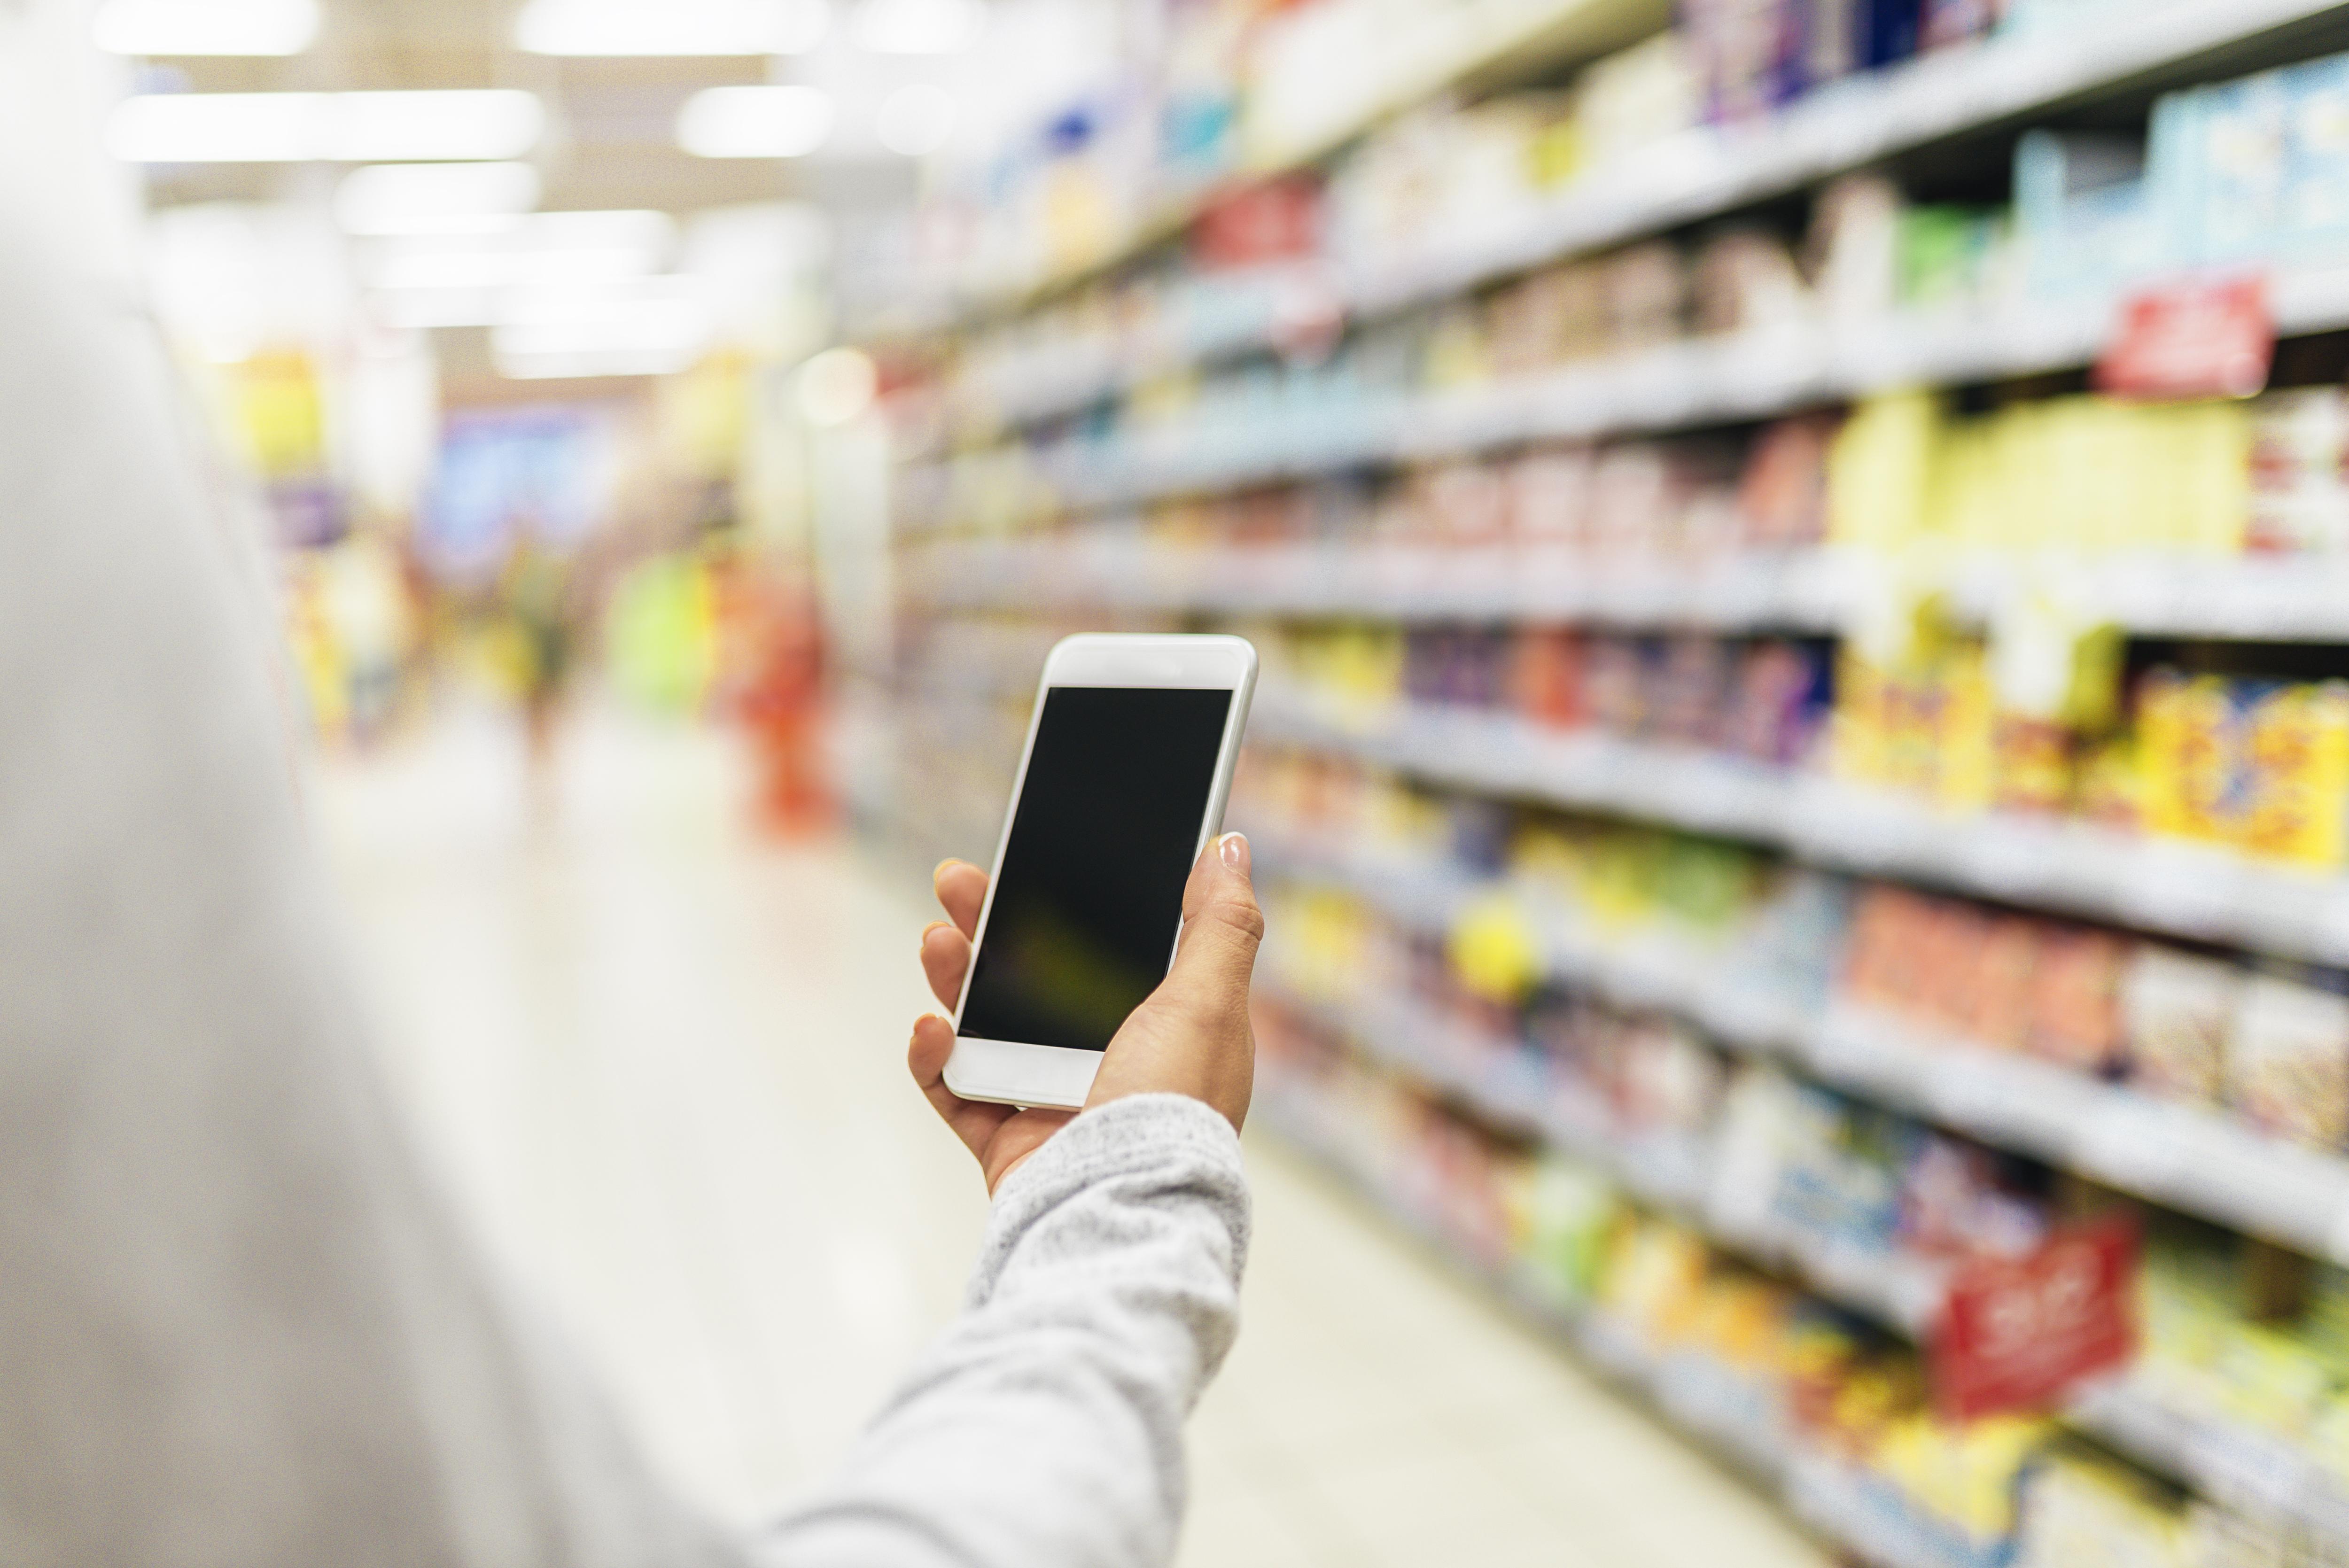 A man checks a smartphone while shopping.